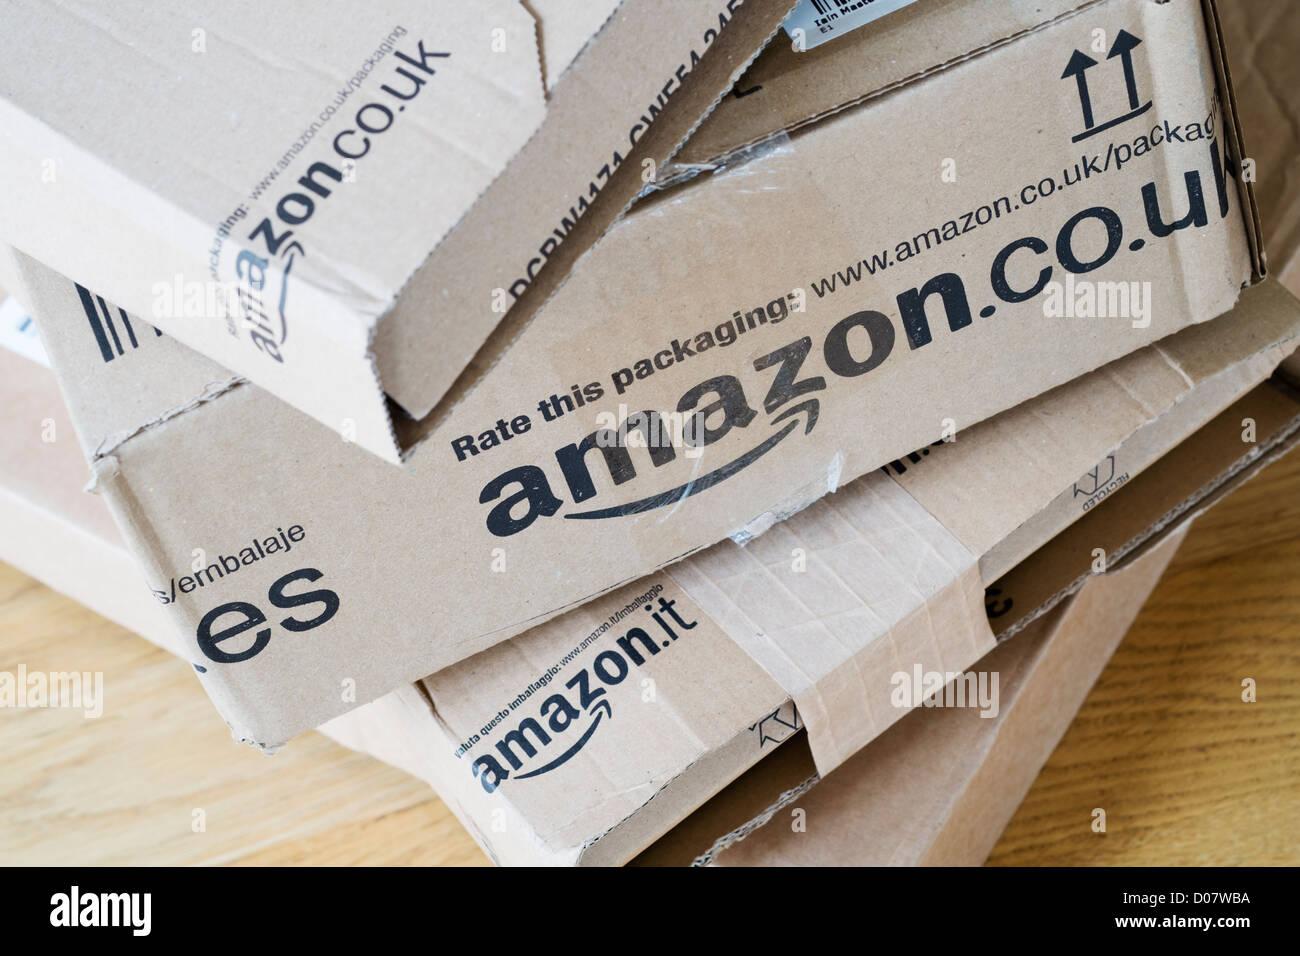 Détail de plusieurs boîtes de Amazon.com Photo Stock